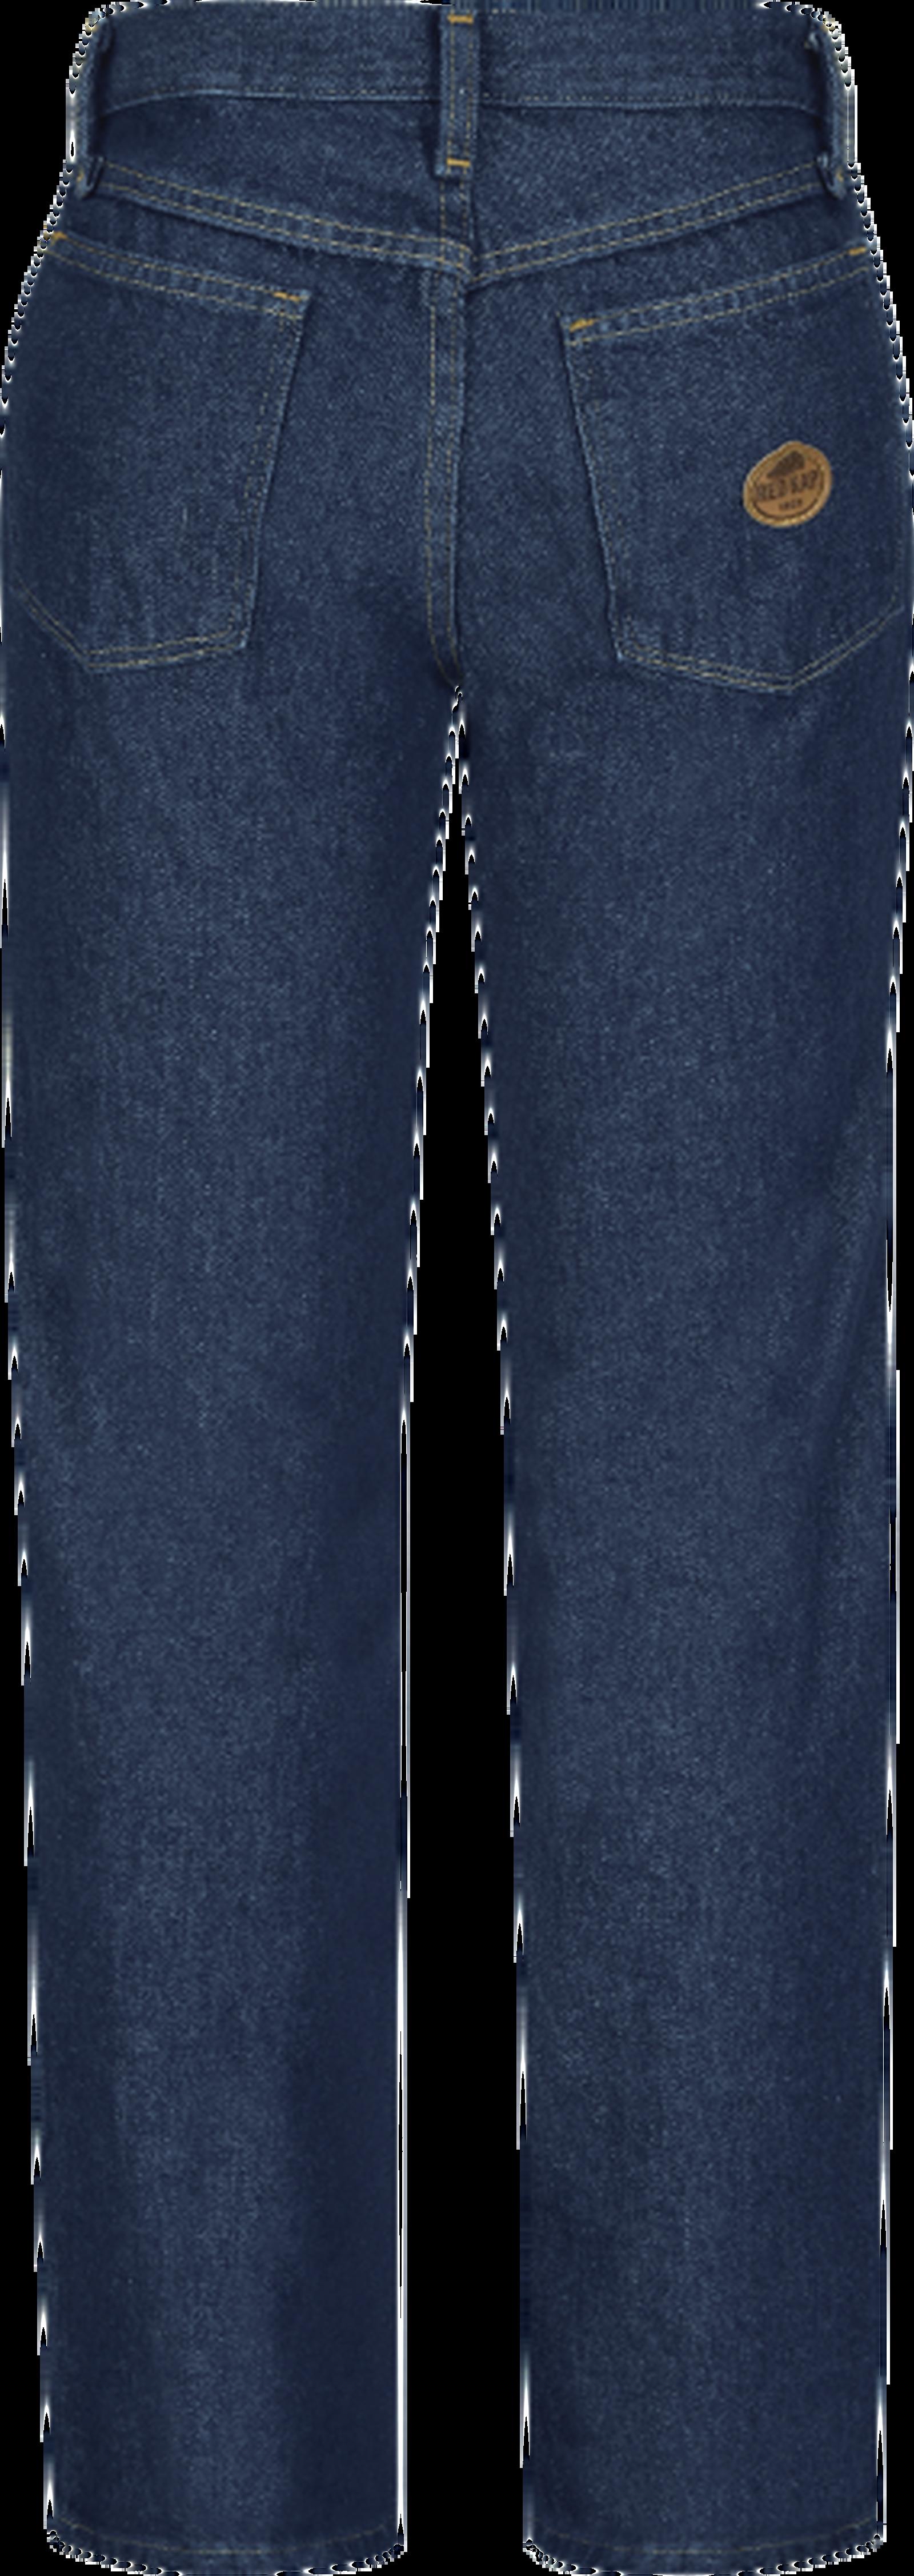 Women's Straight Fit Jean